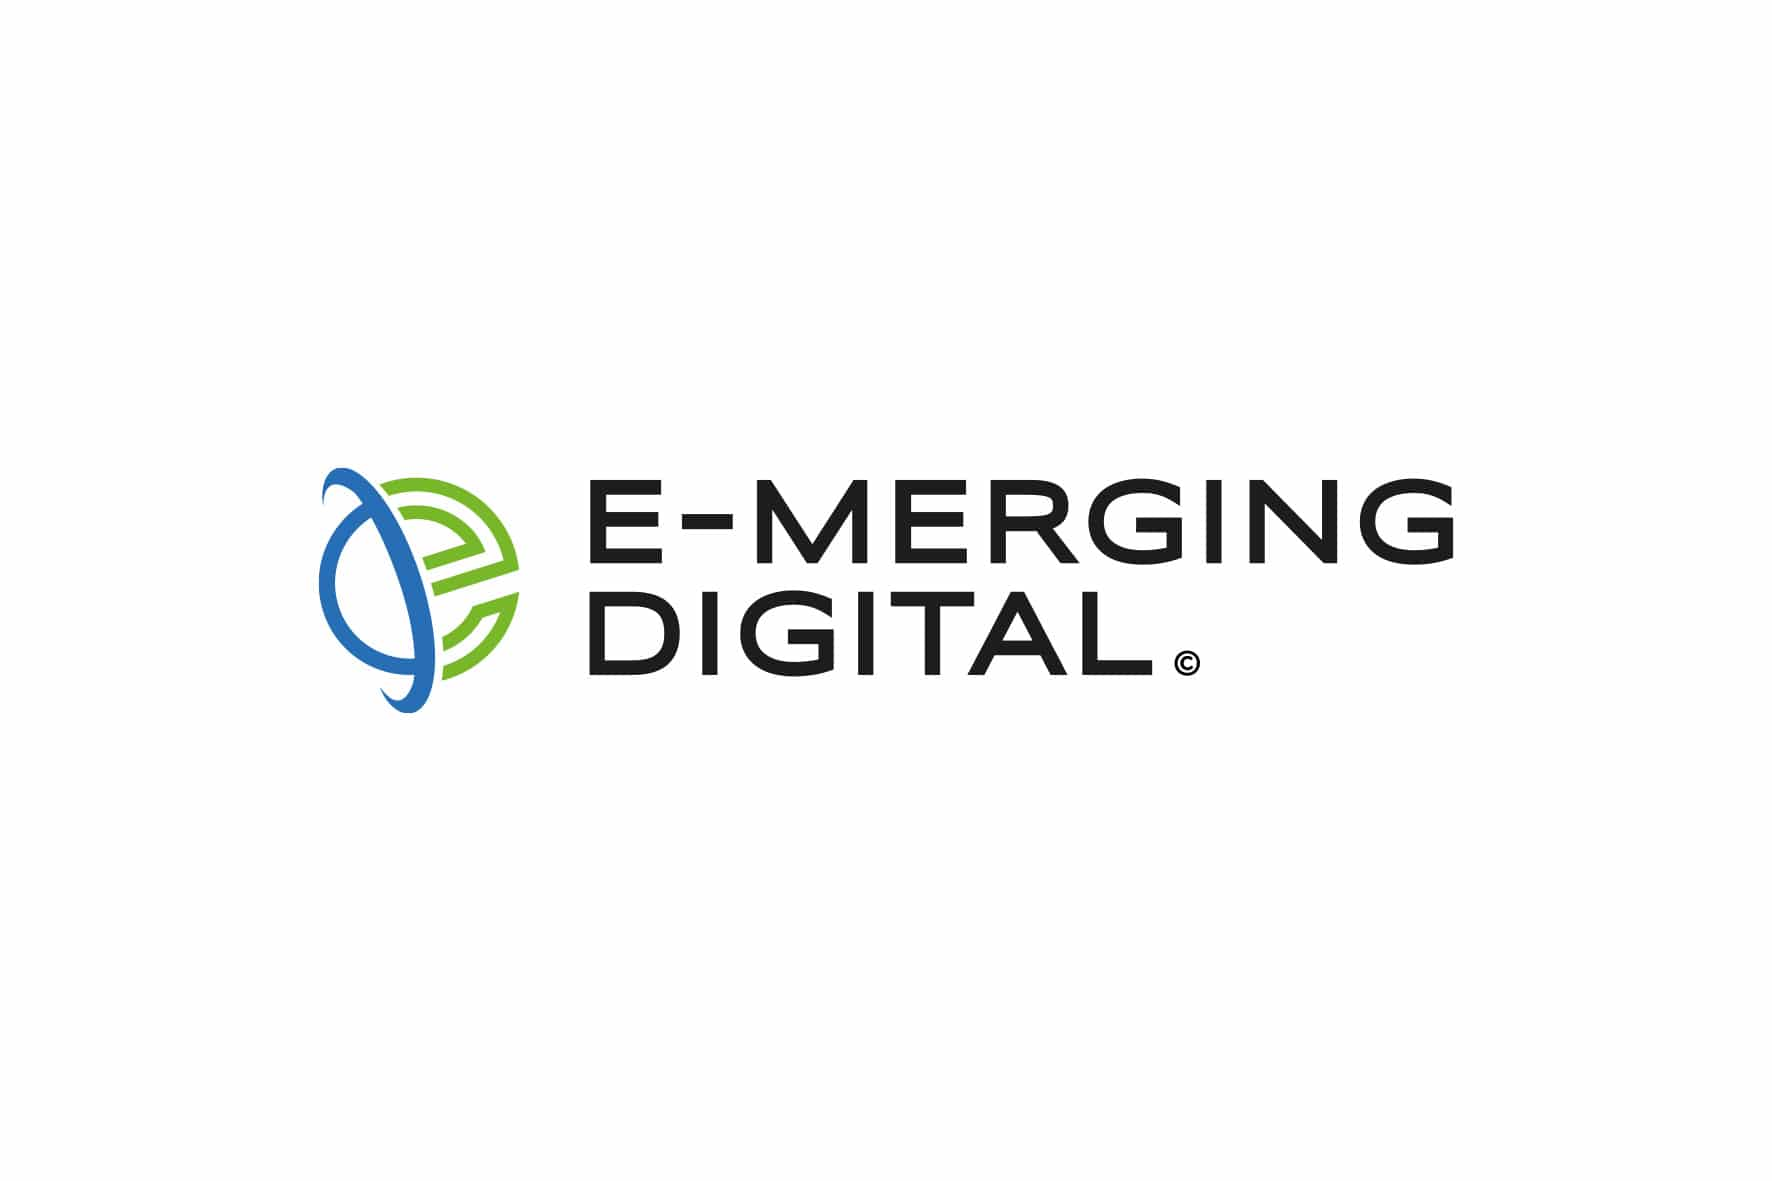 e-merging